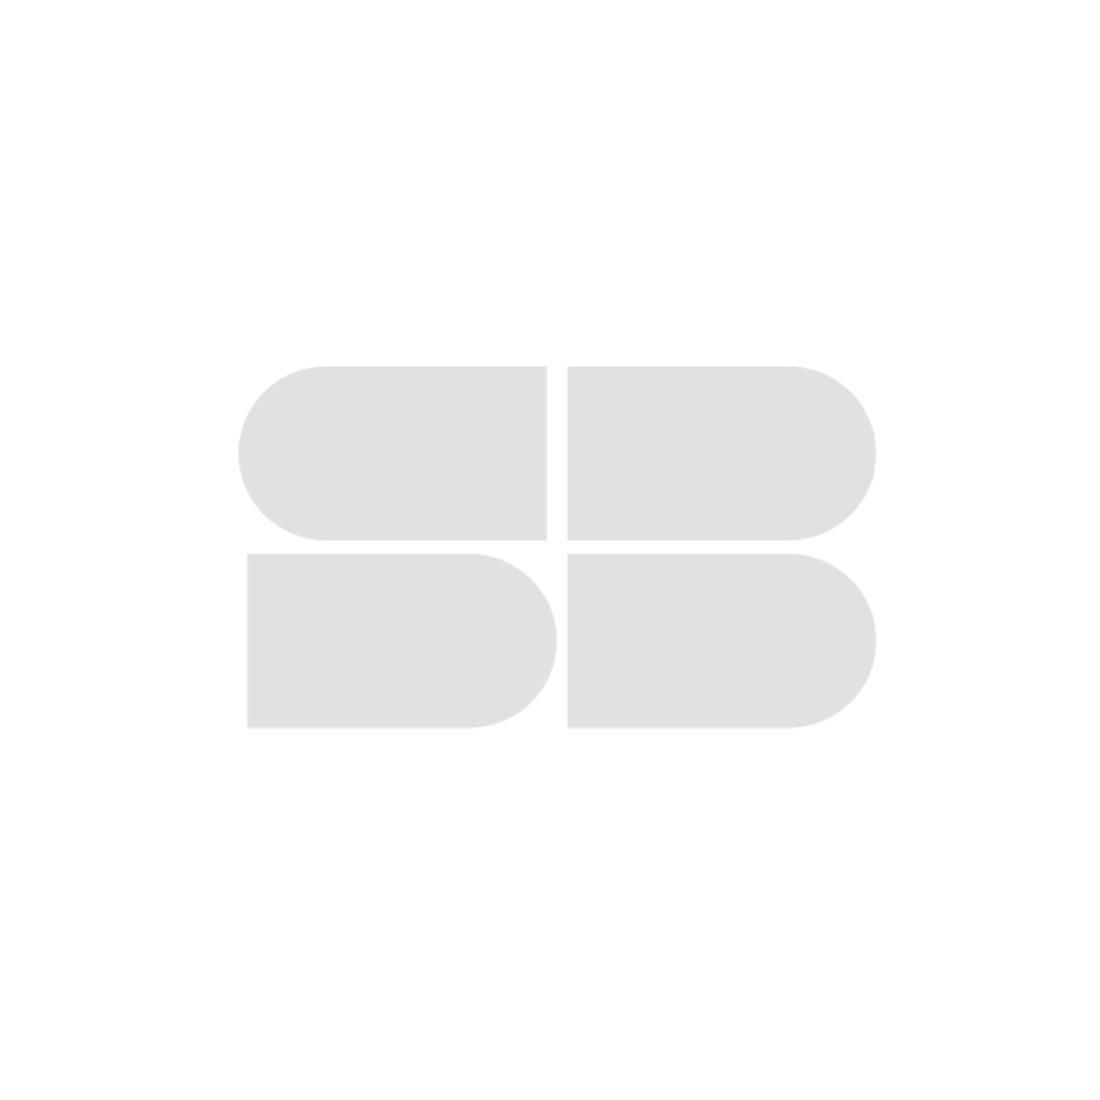 โต๊ะกลาง โต๊ะกลางไม้ล้วน รุ่น Lelani สีสีลายไม้ธรรมชาติ-SB Design Square